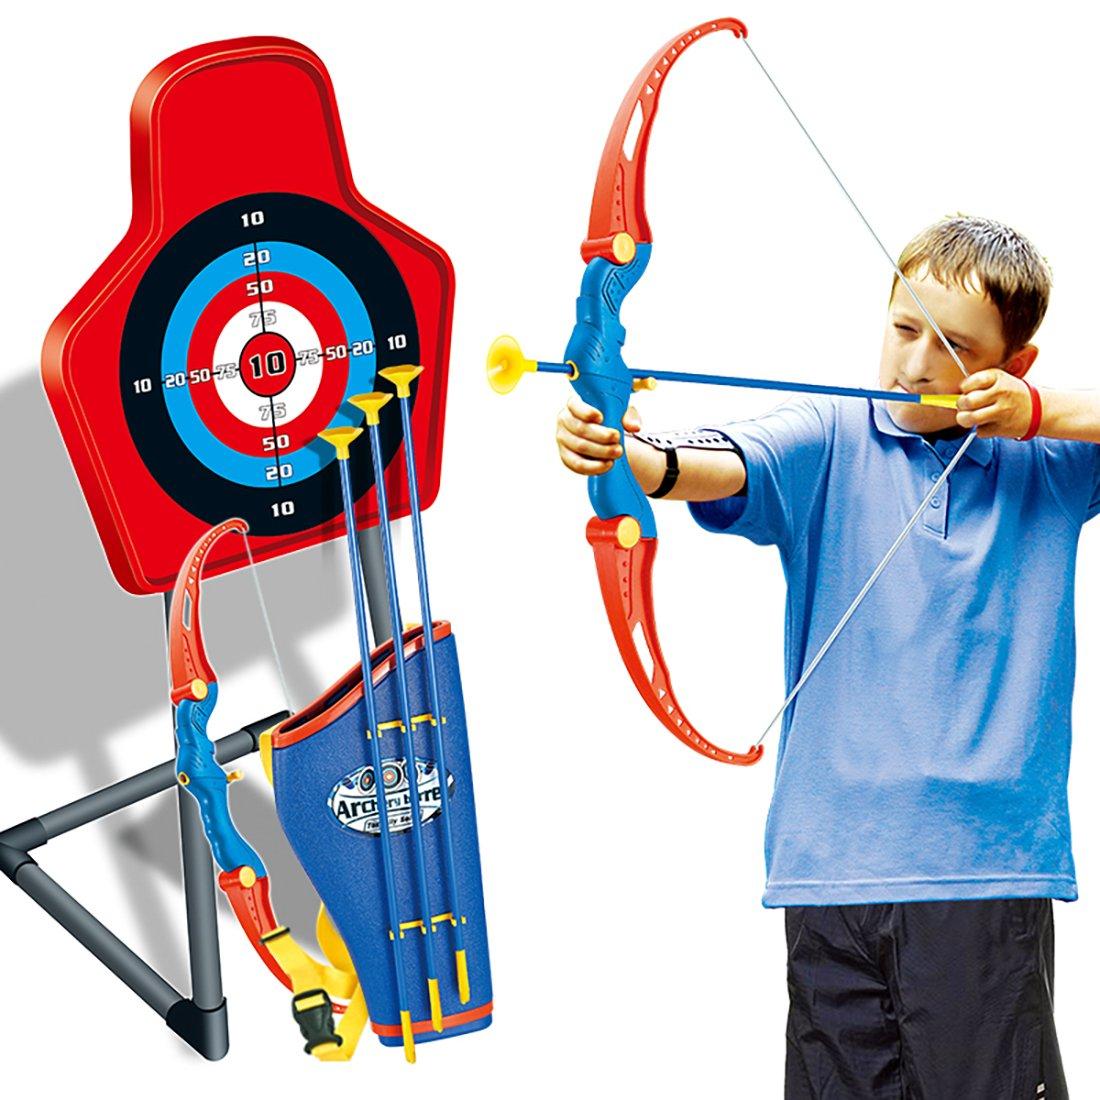 giplar tiro con arco infantil arco y flechas para niños bogenp Feil Juego 1er arco 3 Flecha 1 estuche y 1er Diana